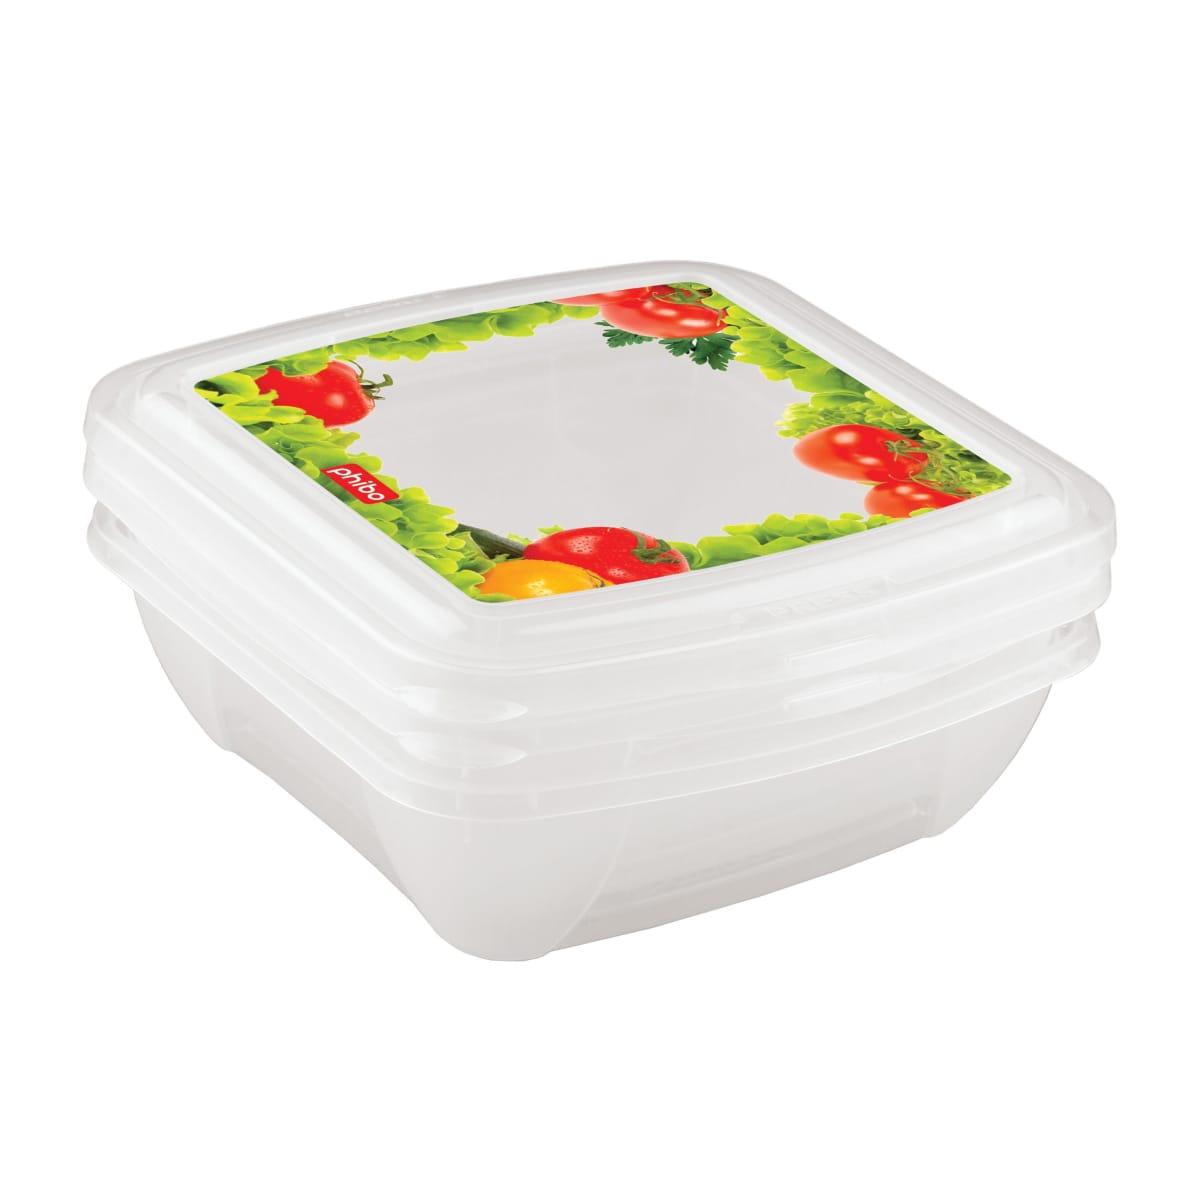 Набор контейнеров Phibo Fresco, 431113201